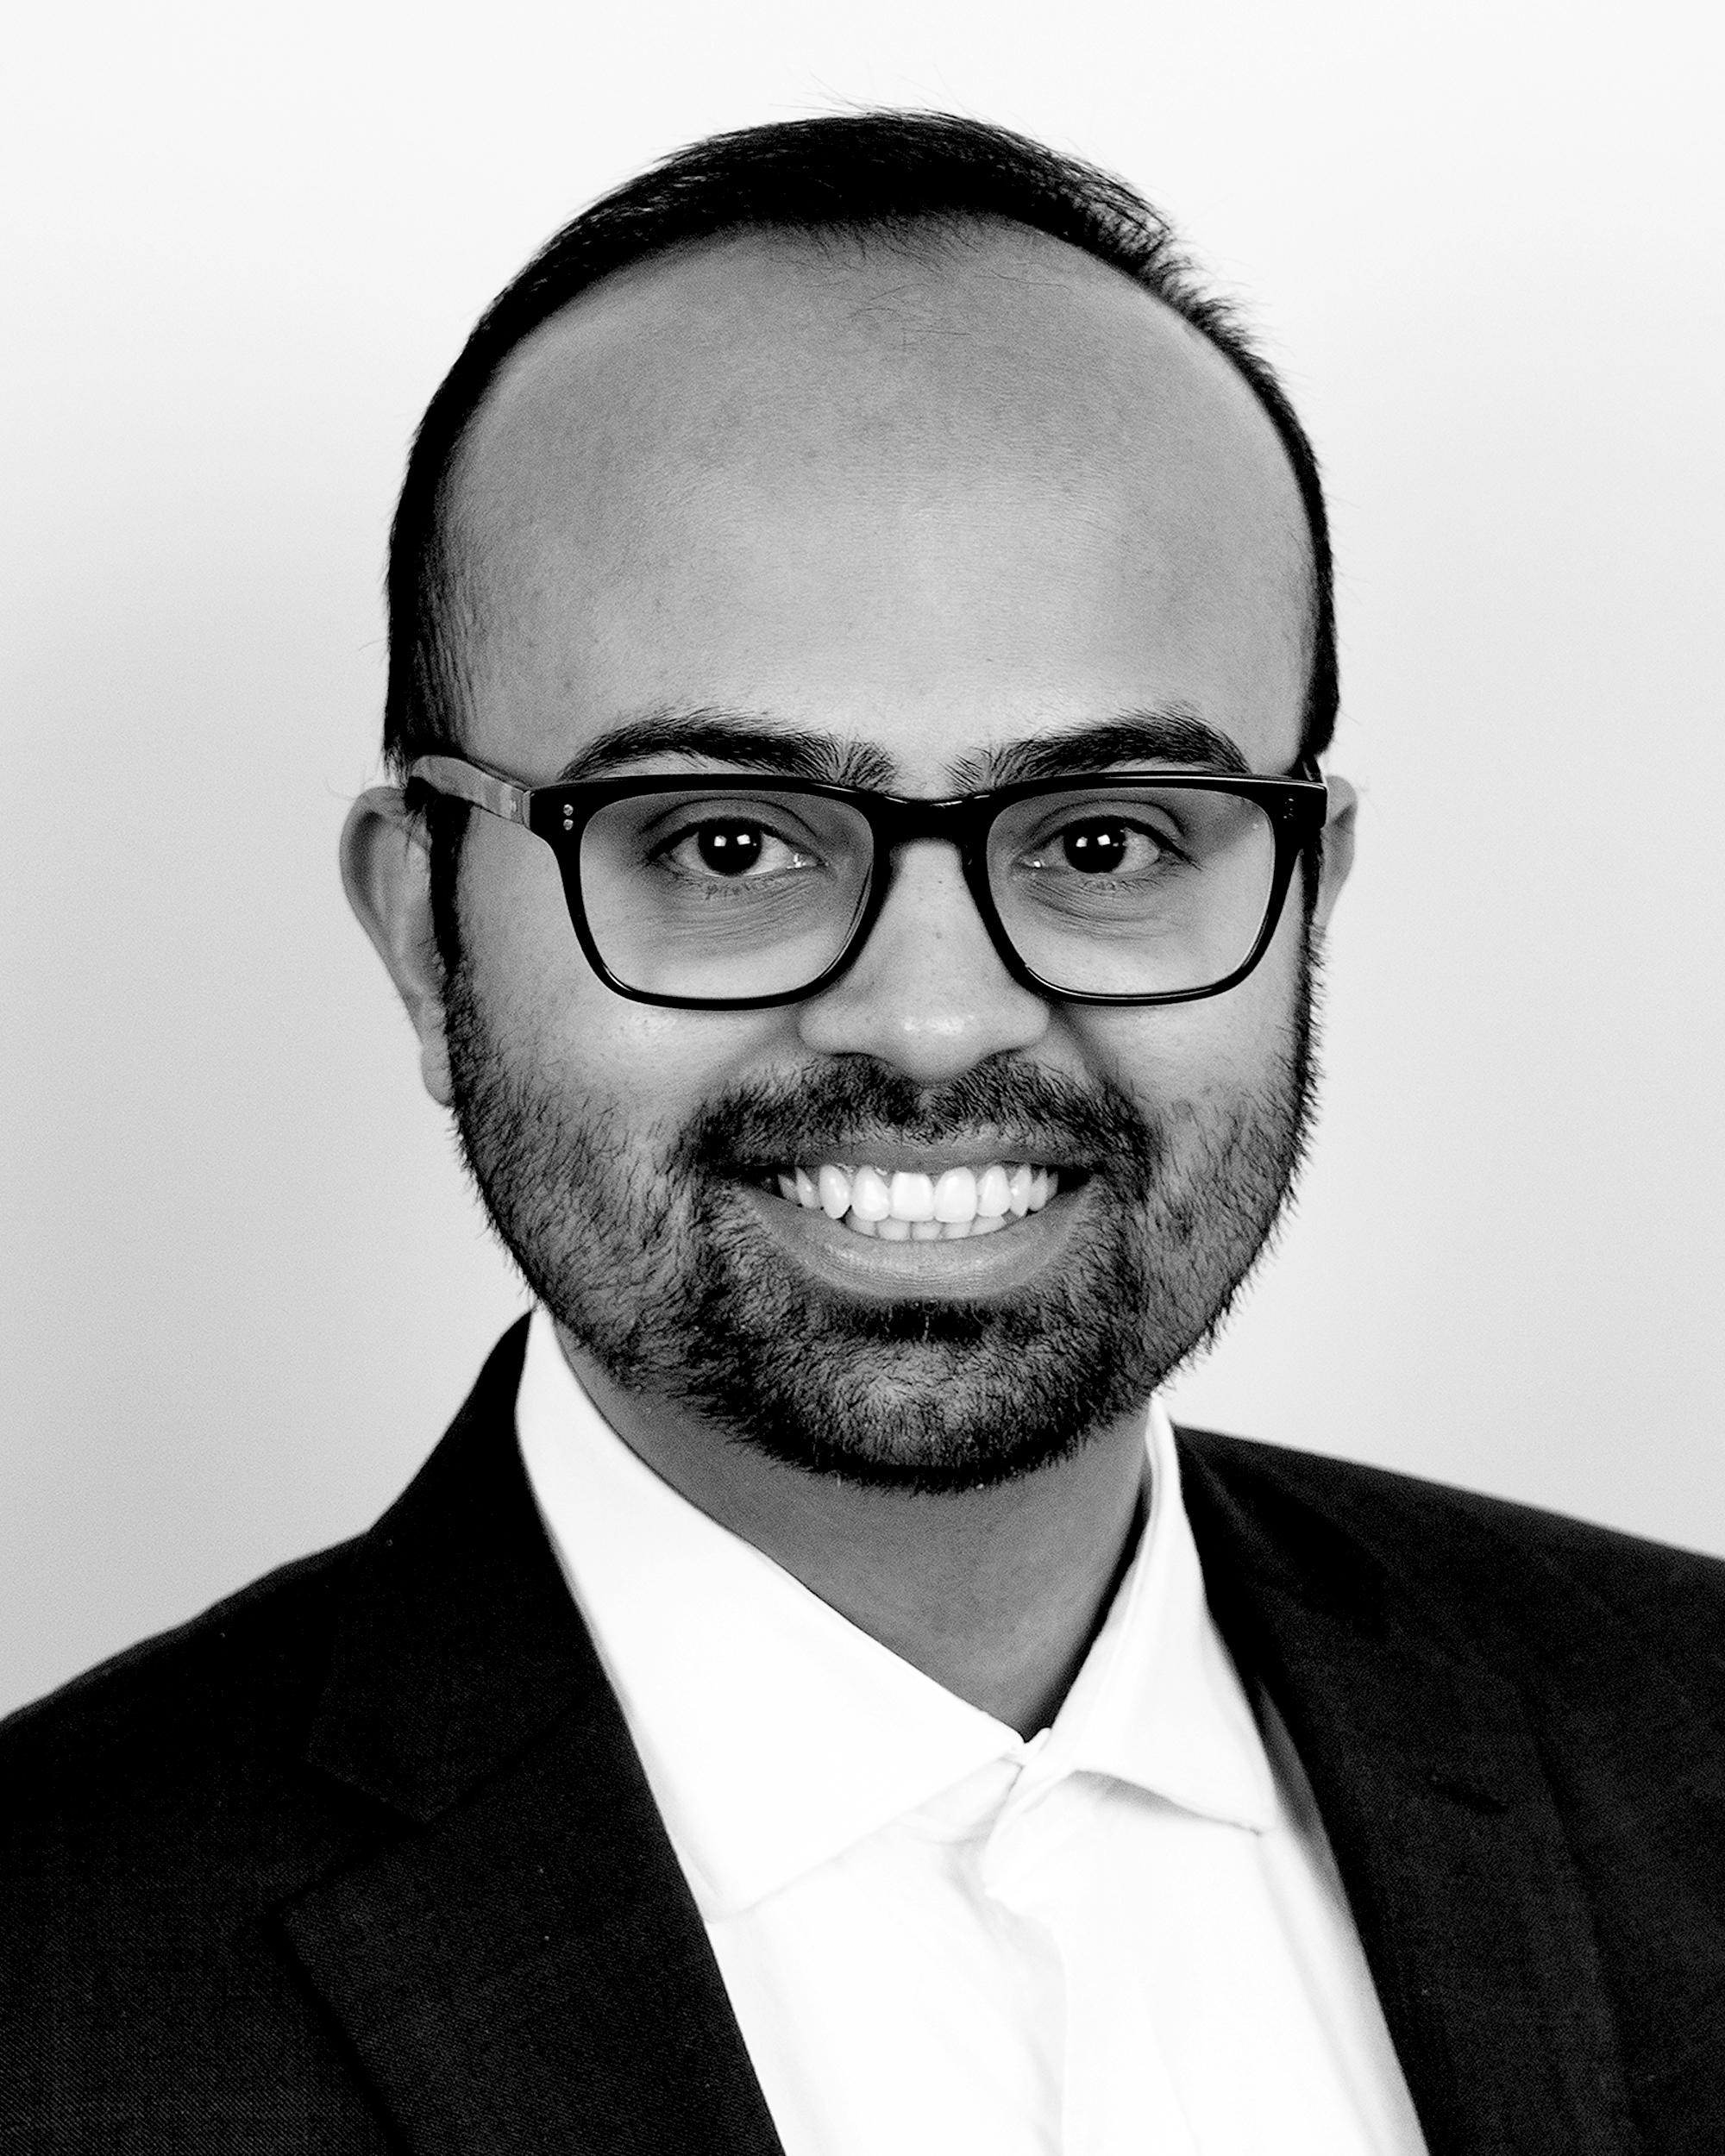 Headshot of Rushabh Kadchhud